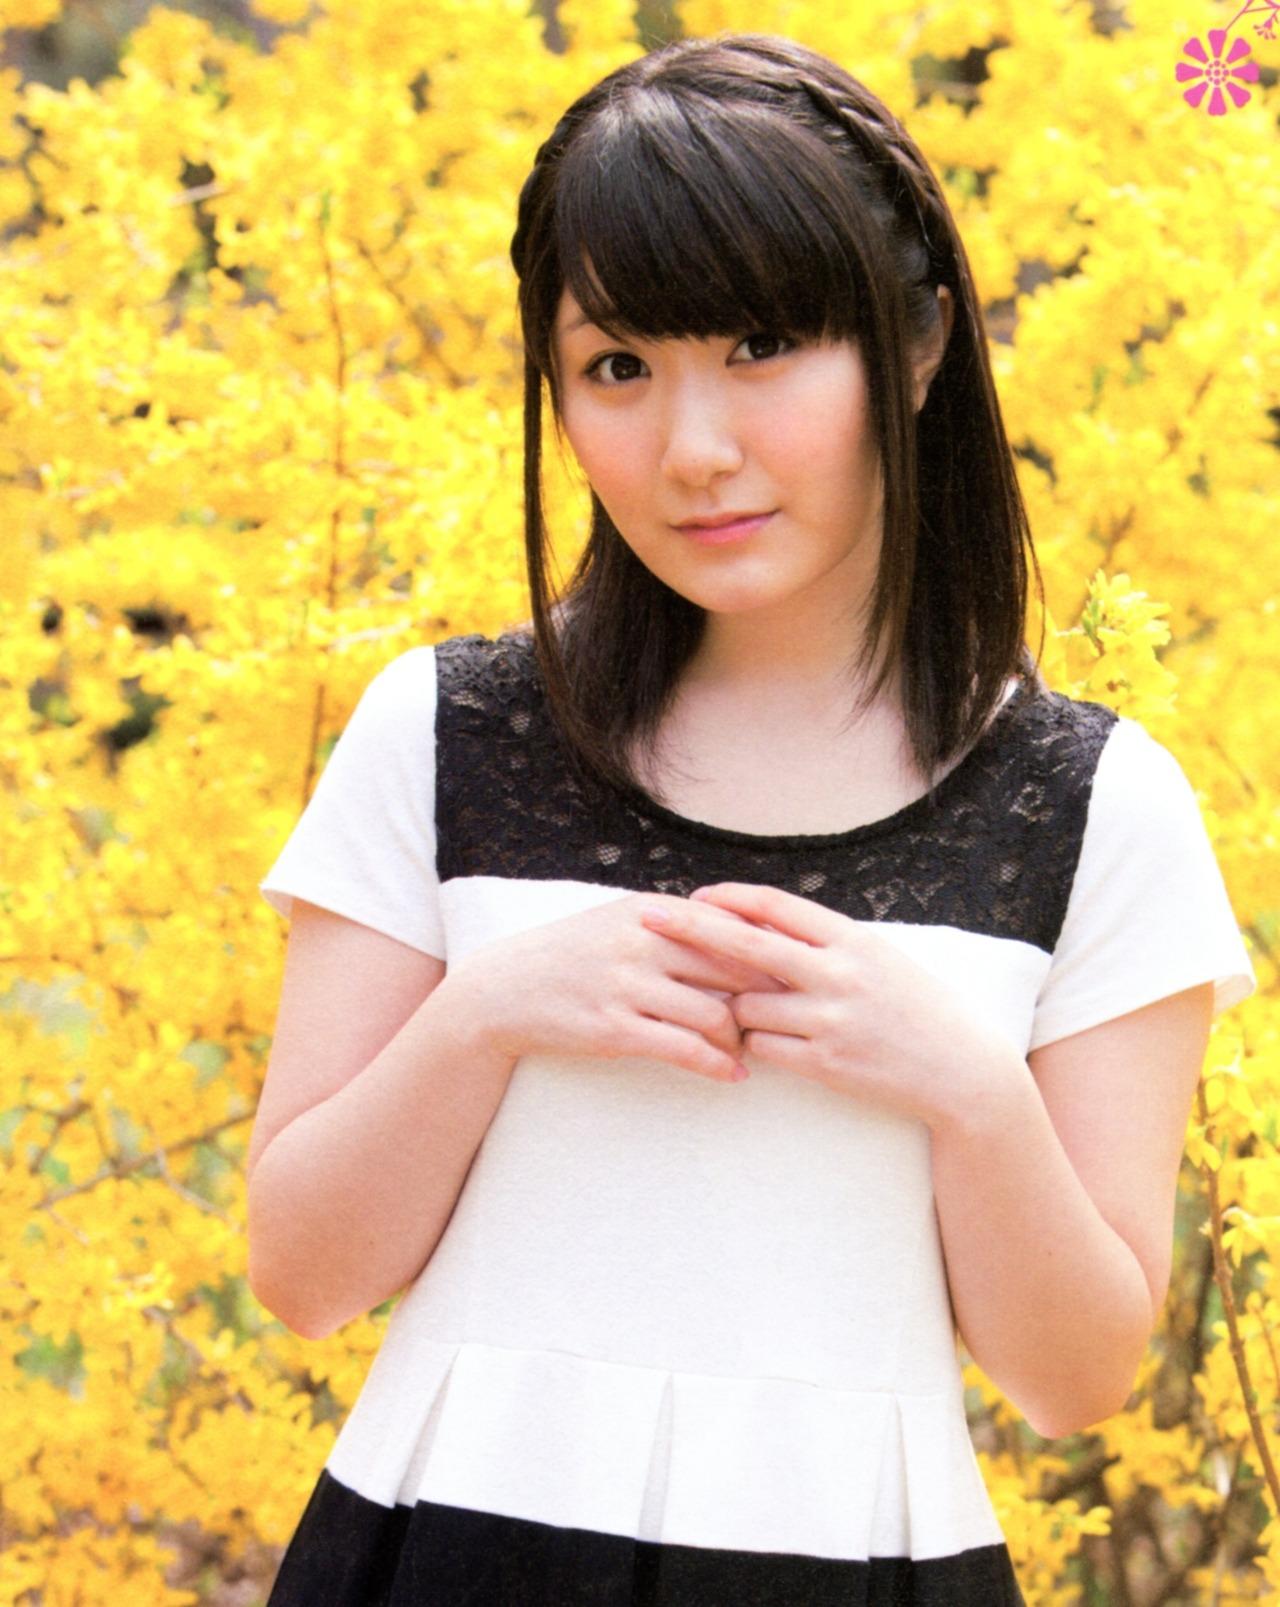 hidaka_rina045.jpg